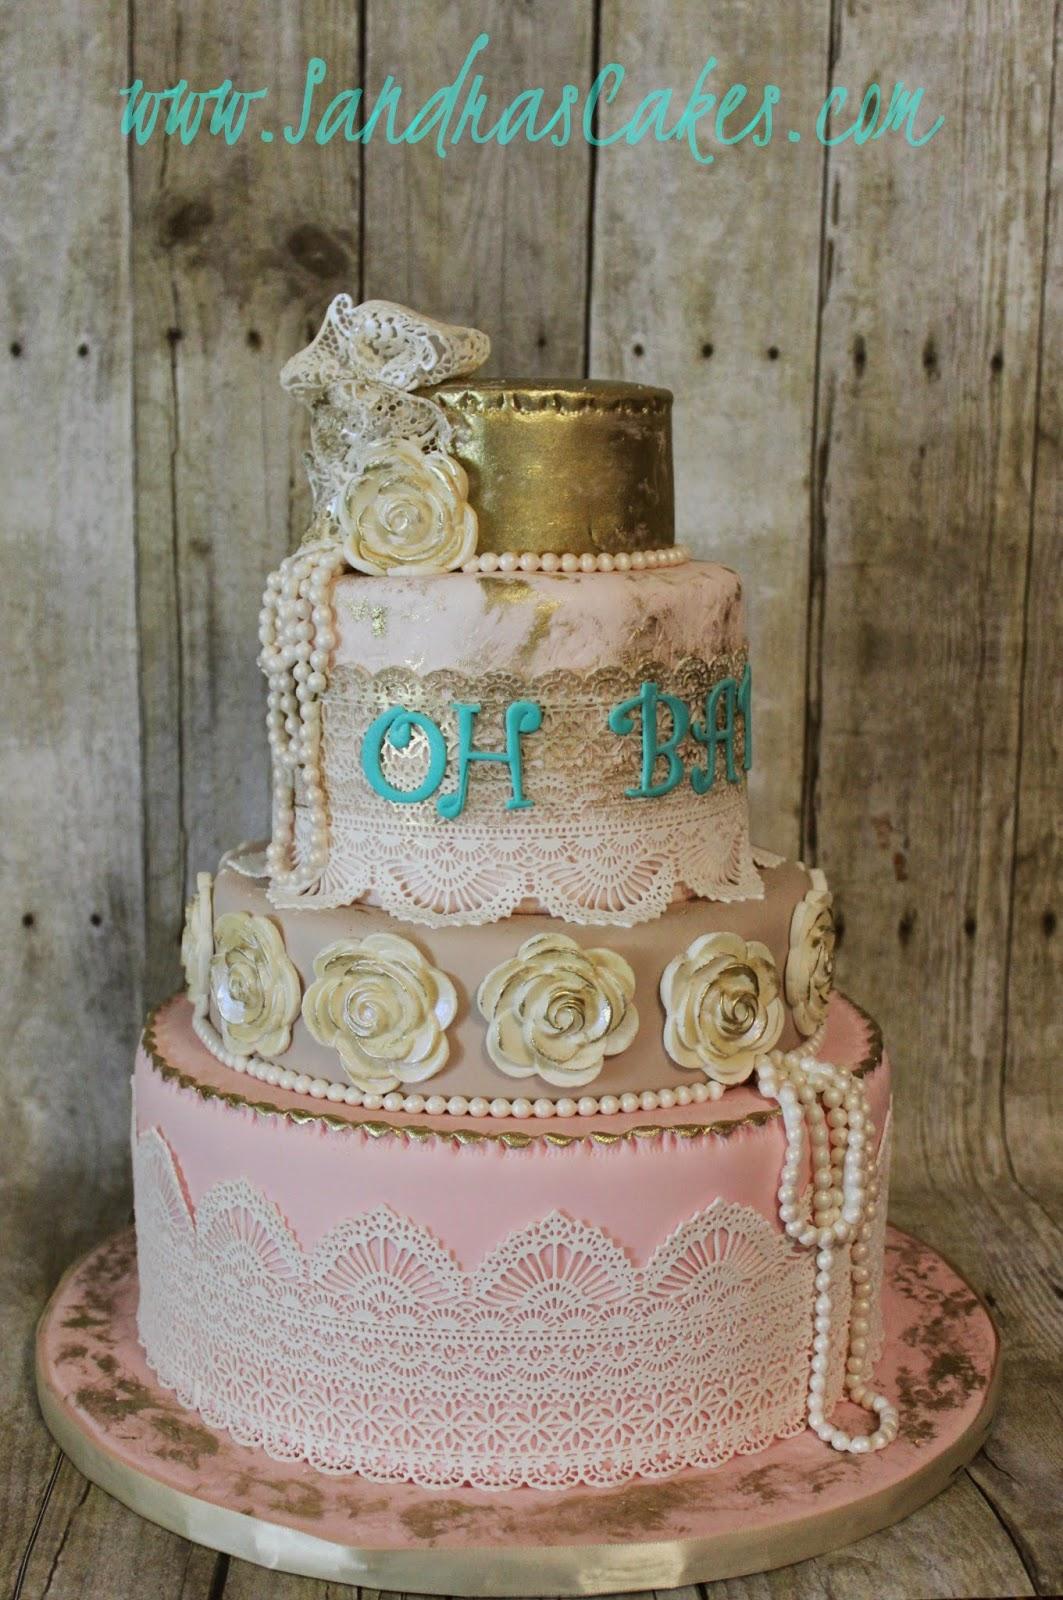 Vintage Shabby Chic Baby Shower Cake